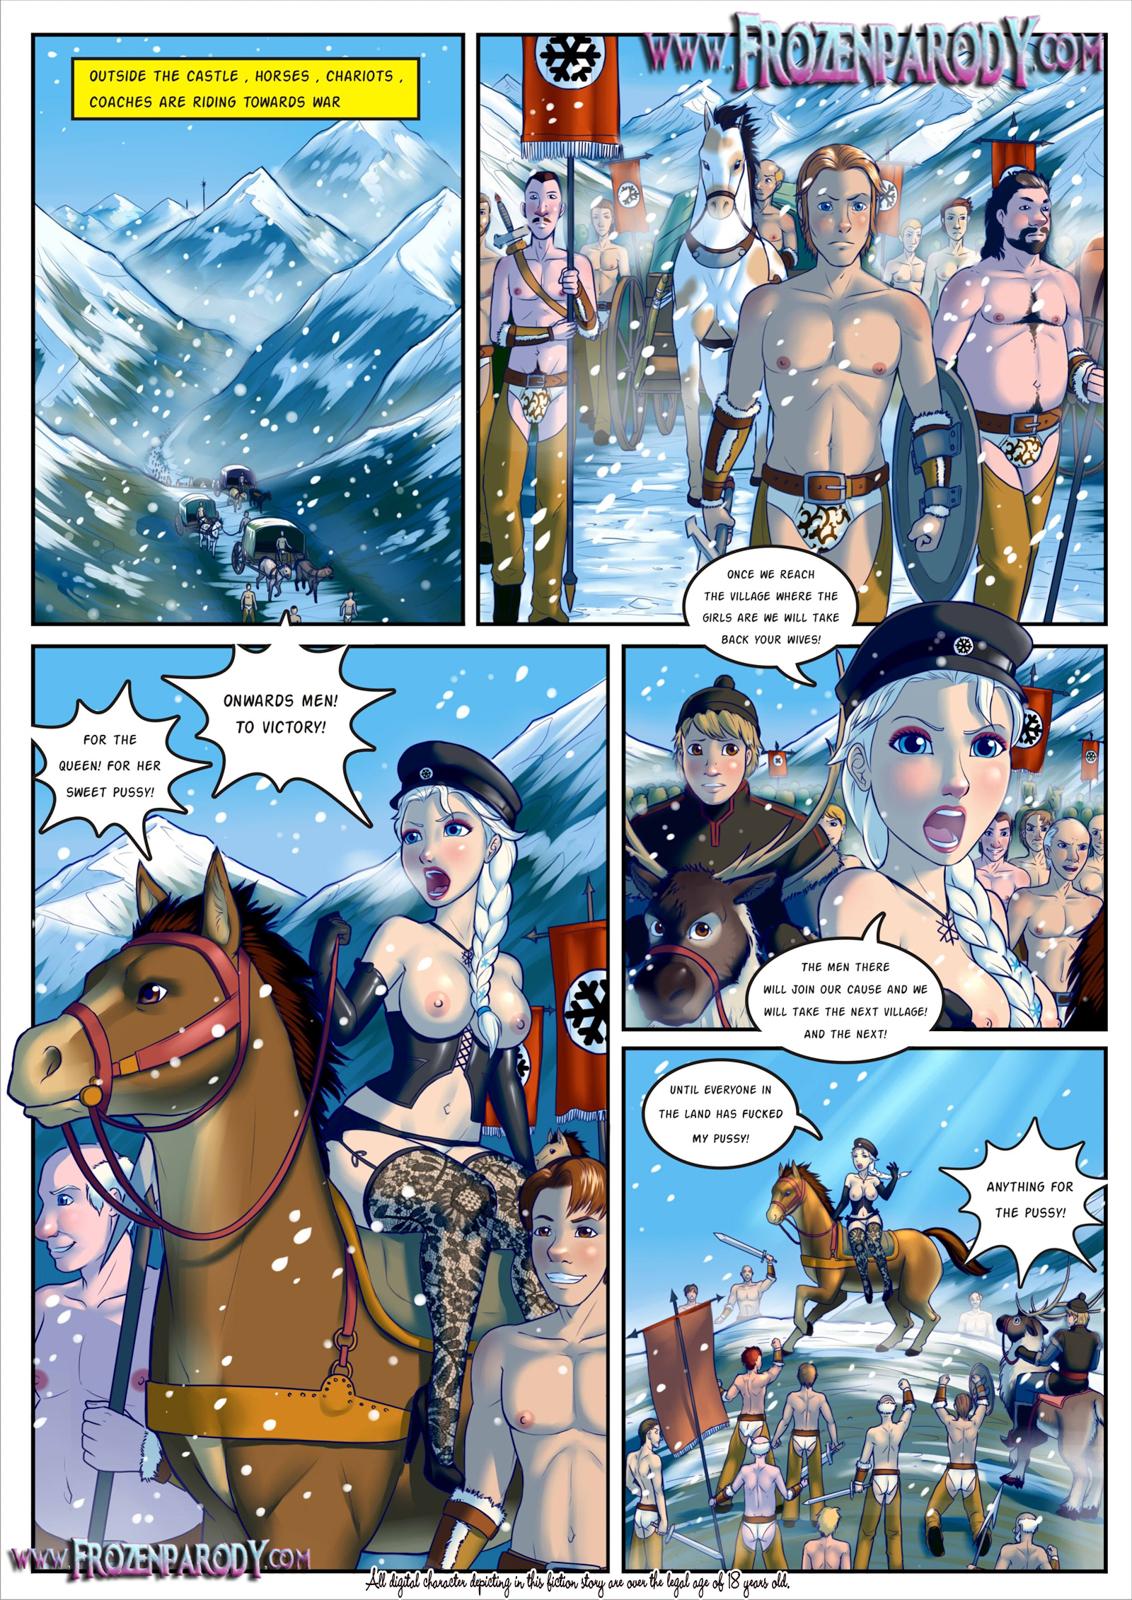 SureFap xxx porno Frozen - [Grimphantom][FrozenParody] - Frozen Parody - Part 2 - Anna